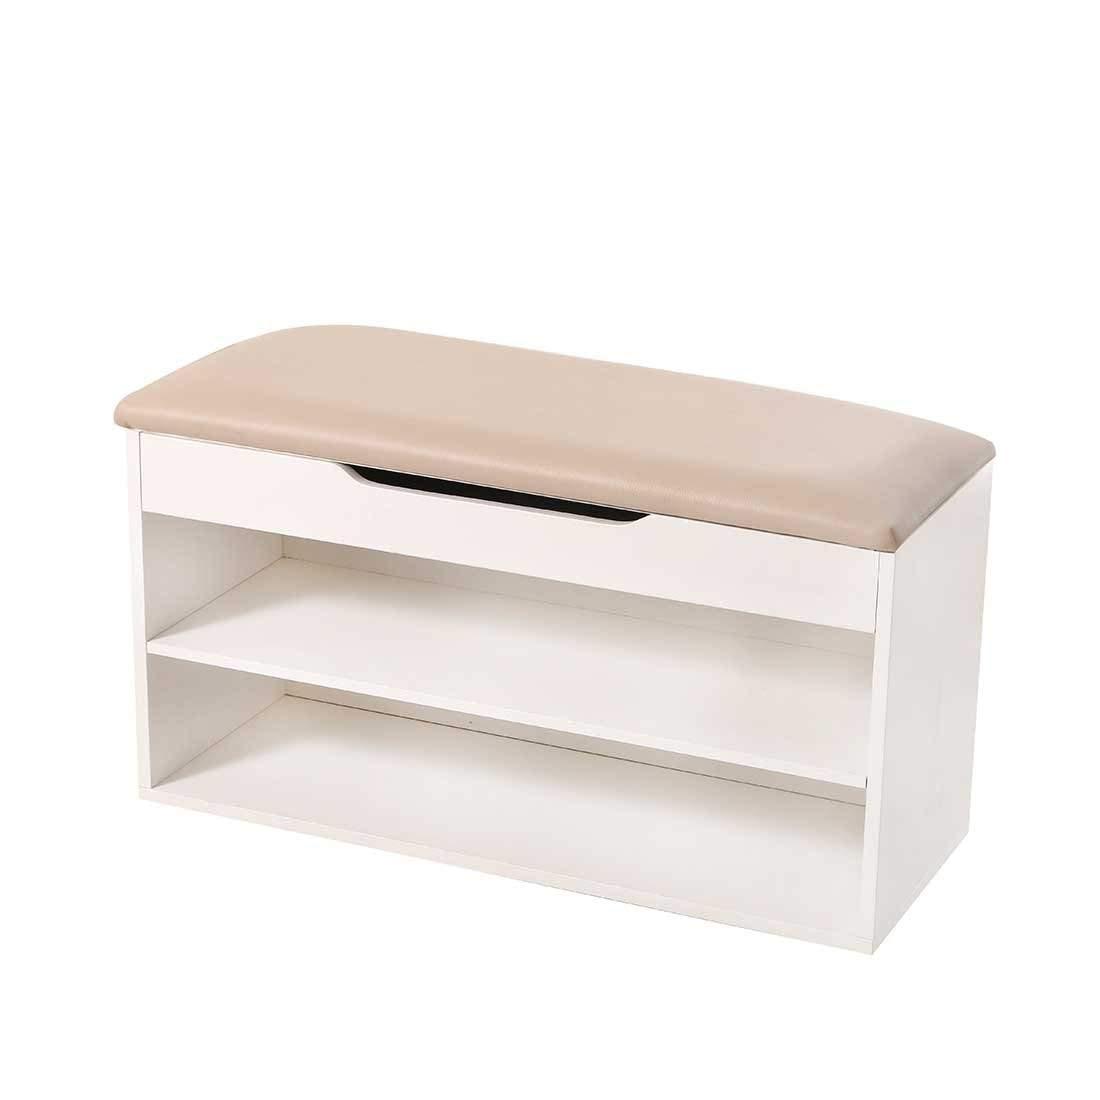 Oneisall деревянный шкаф для обуви с подушки сиденья, прихожая хранения скамейке с поднимите крышку, 87X52X36 см (белый)